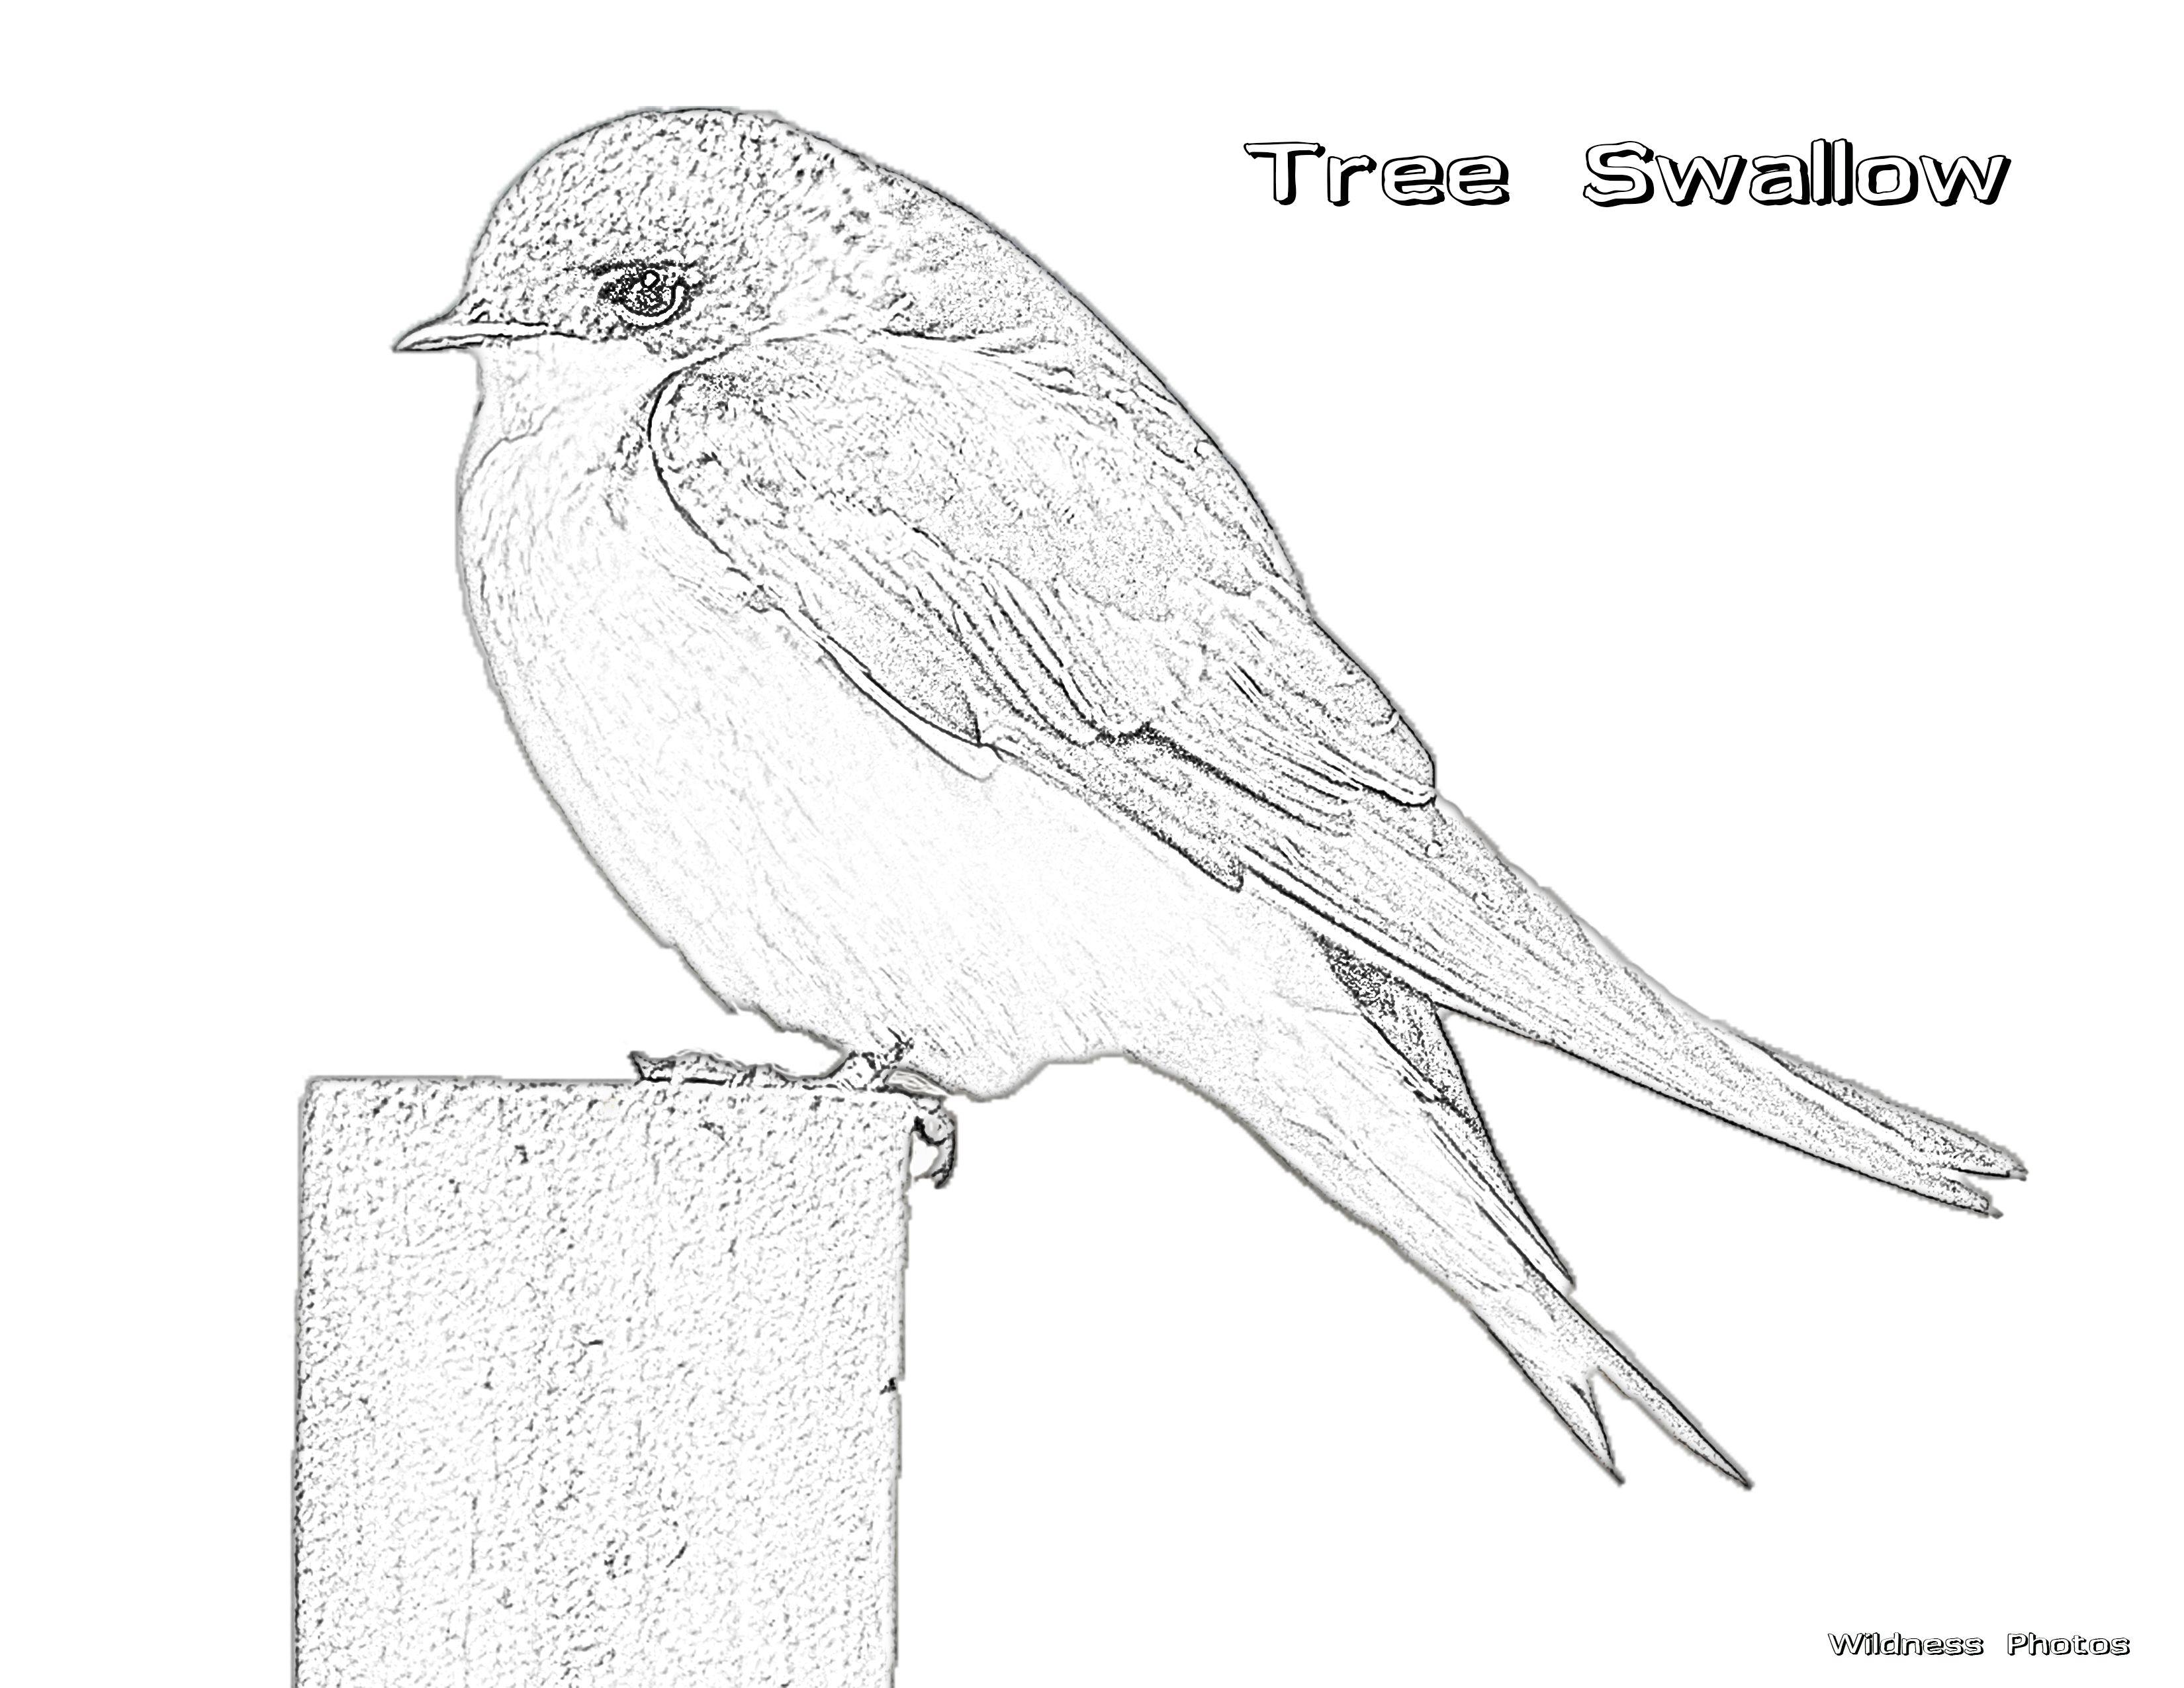 Male Tree Swallow 1